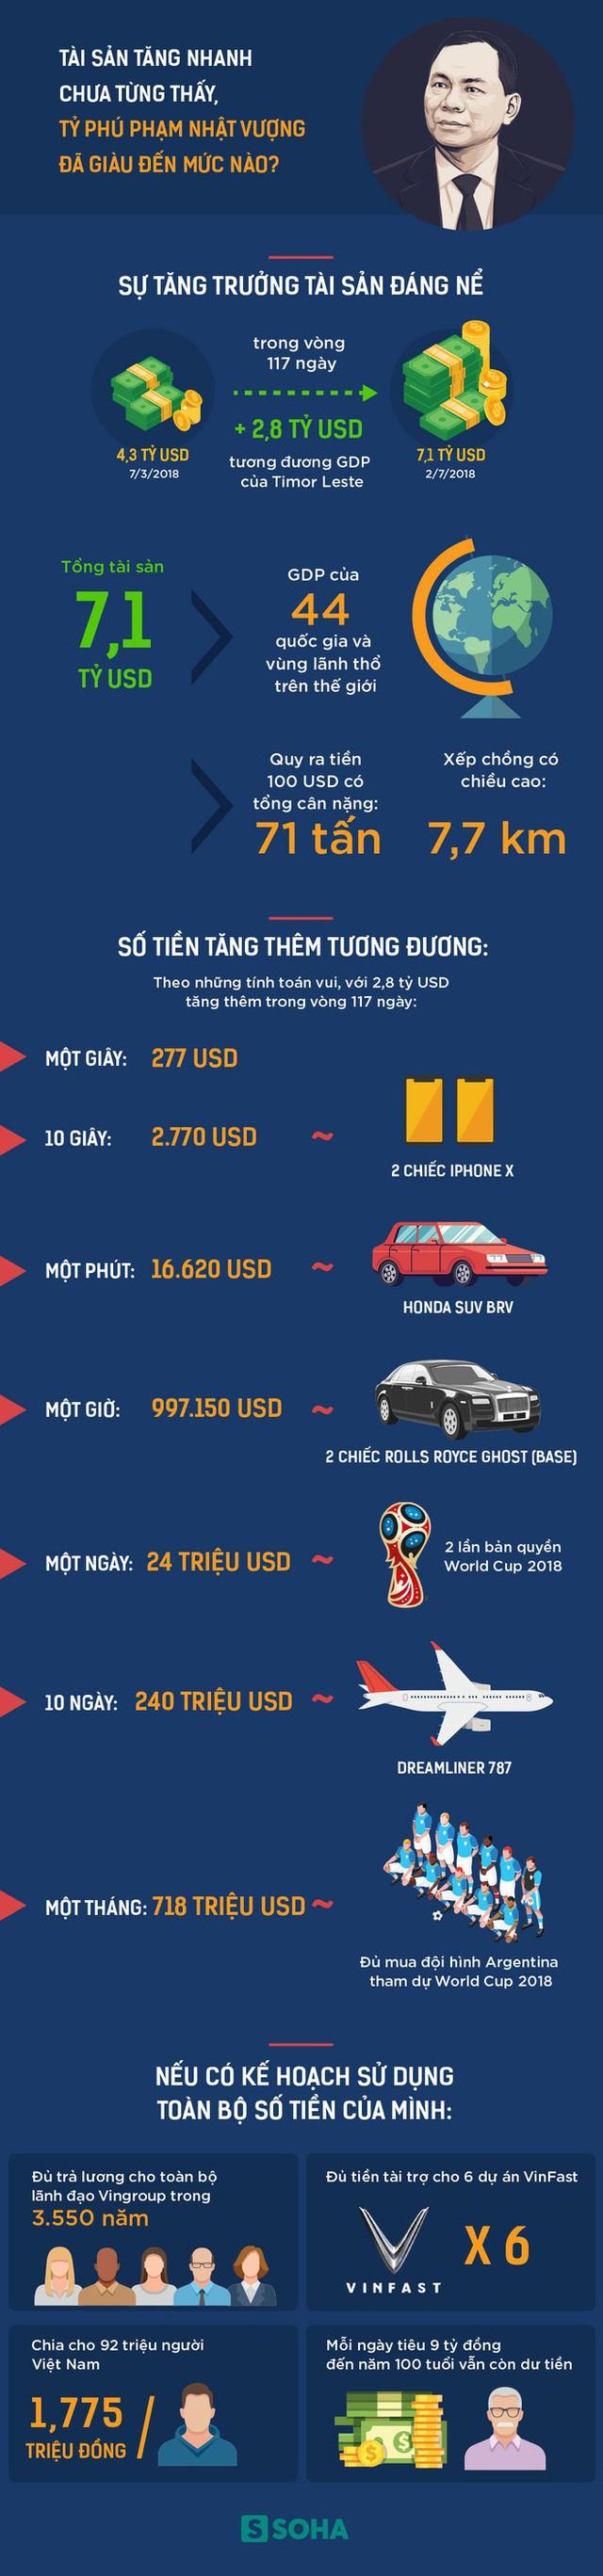 Tài sản tăng nhanh chưa từng thấy, tỷ phú Phạm Nhật Vượng đã giàu đến mức nào? - Ảnh 1.